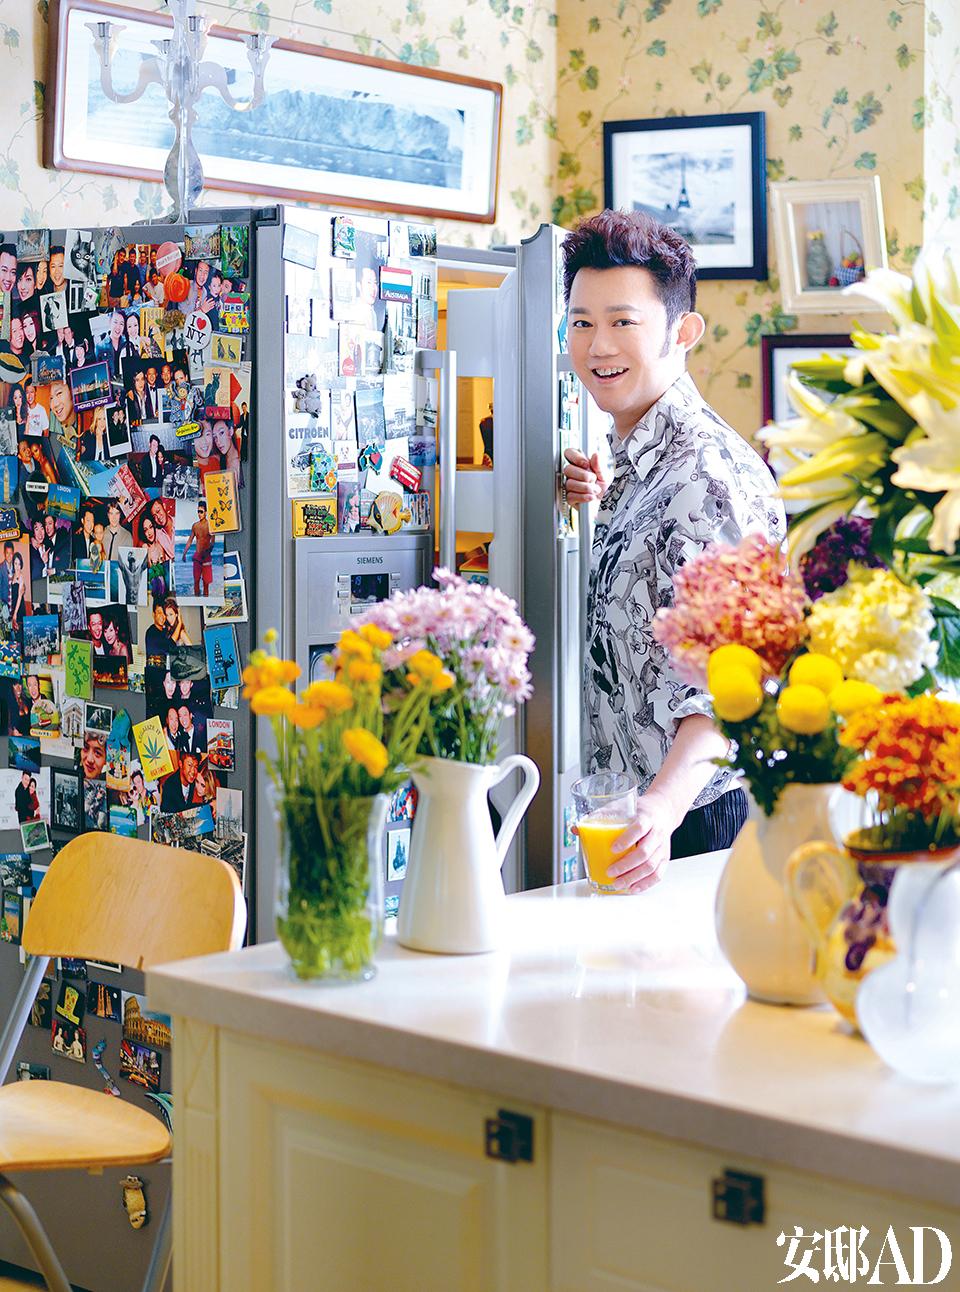 东田平时最爱待在这个开放式的餐厨空间,他笑言这可能是因为自己太爱吃的缘故。